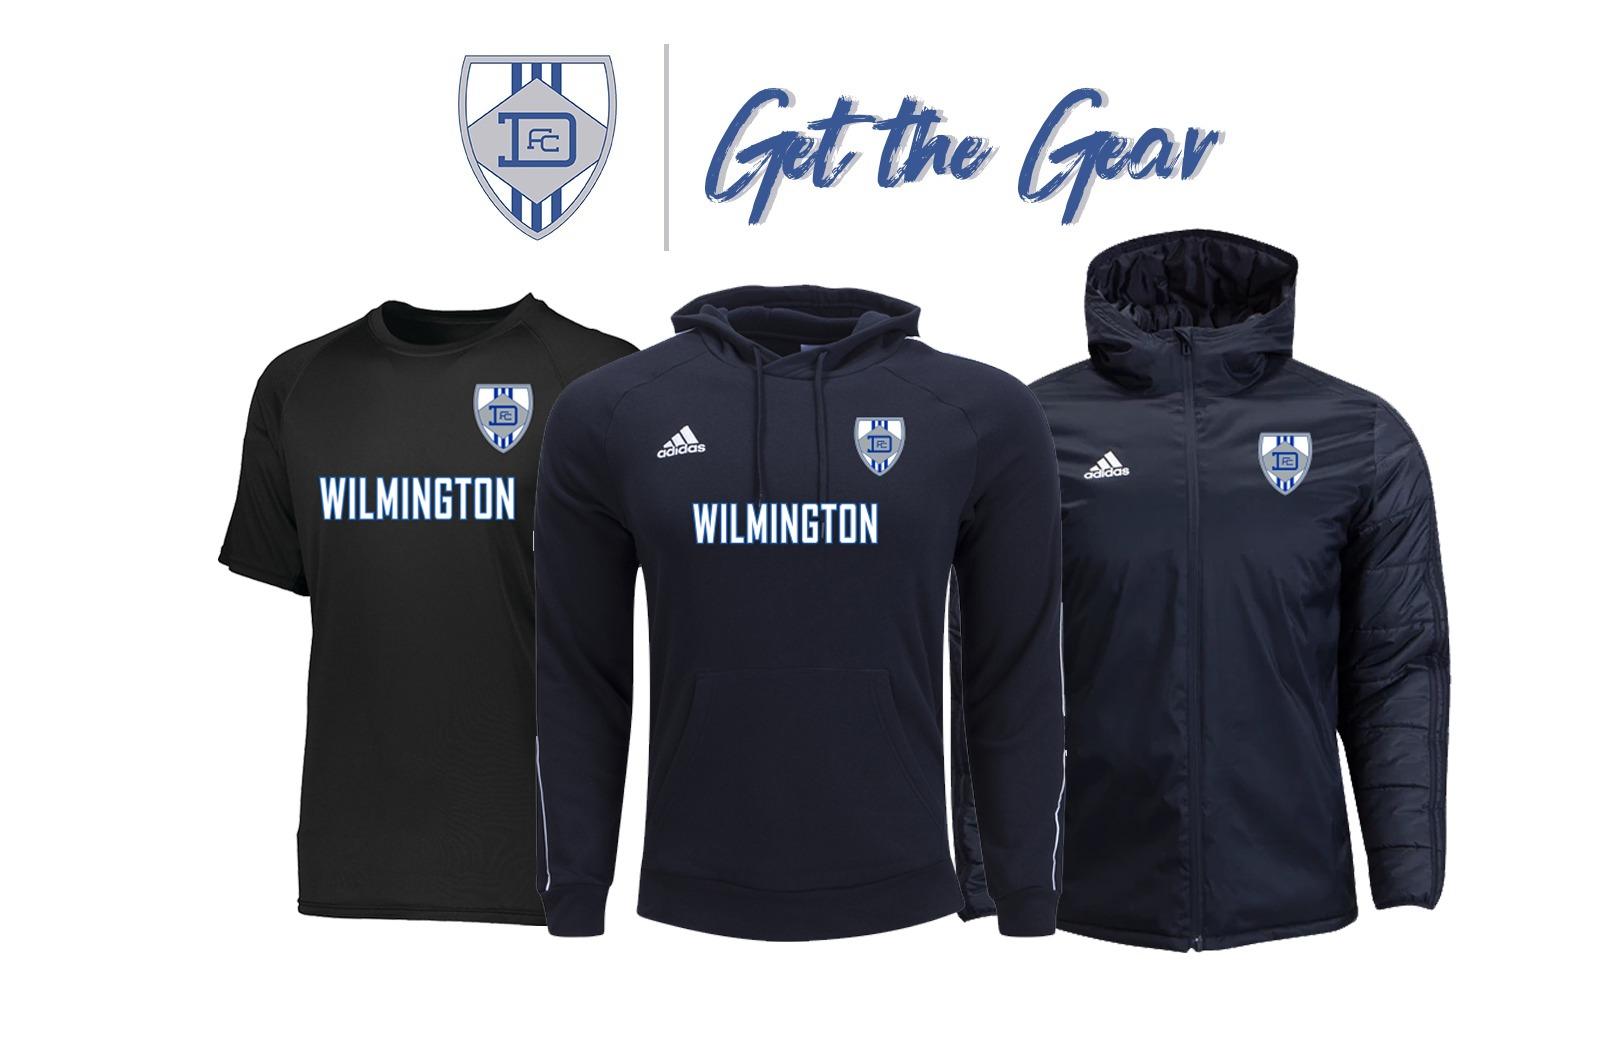 Delaware FC Wilmington - Spirit Wear - Get the Gear